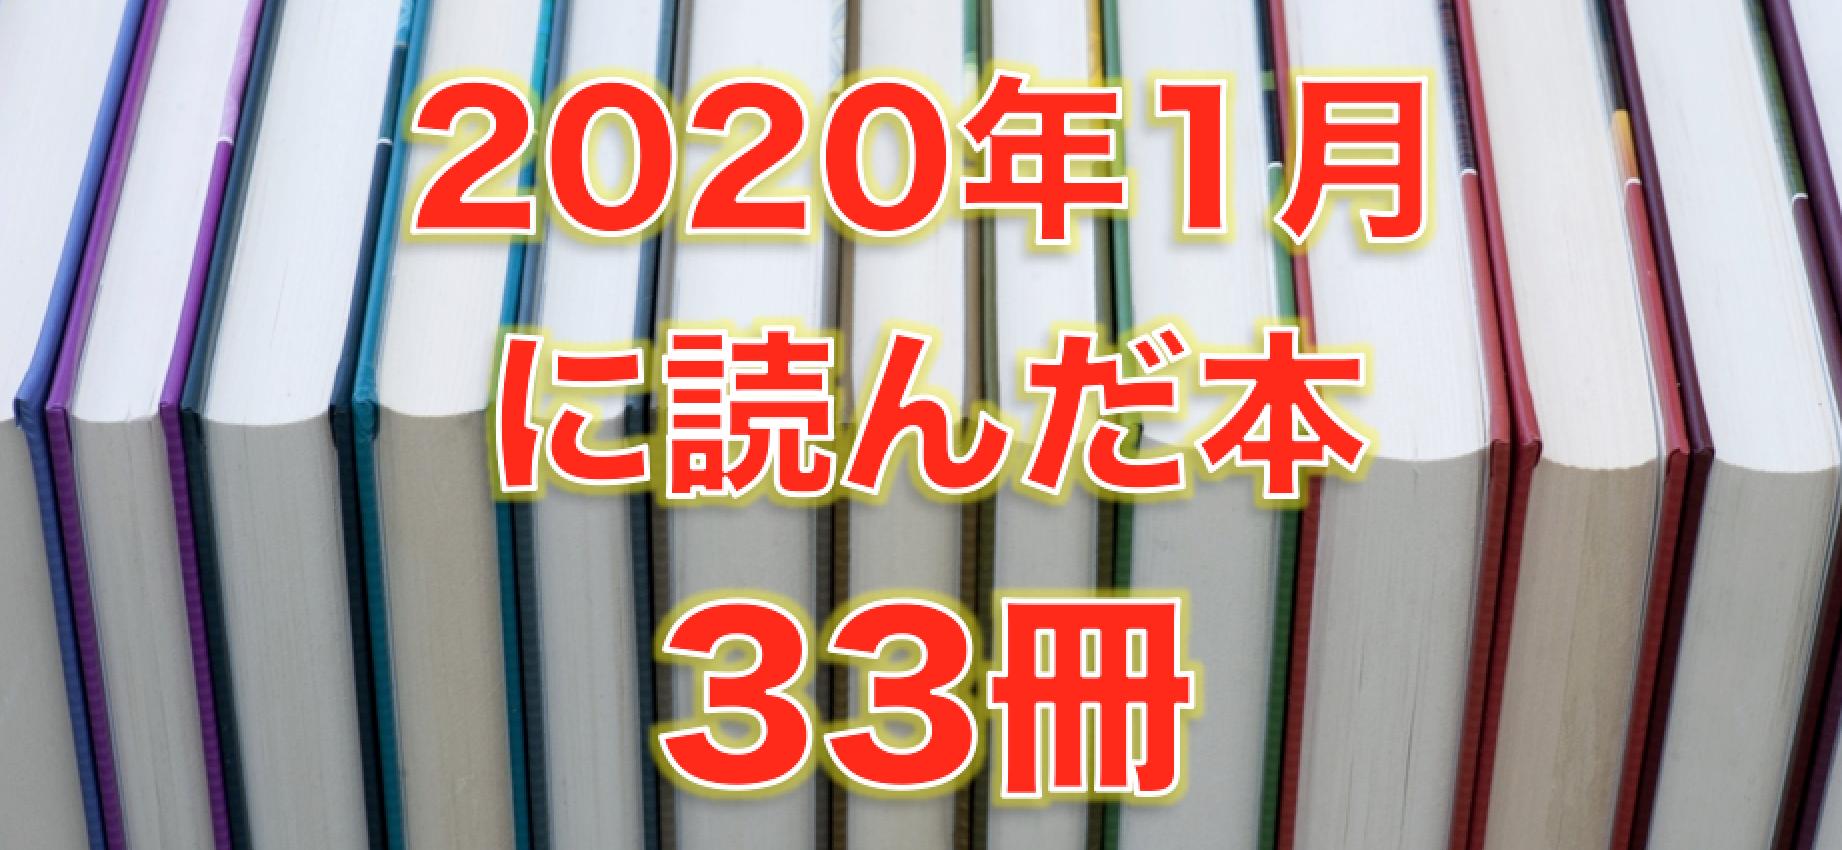 2020年1月に読んだ本33冊。